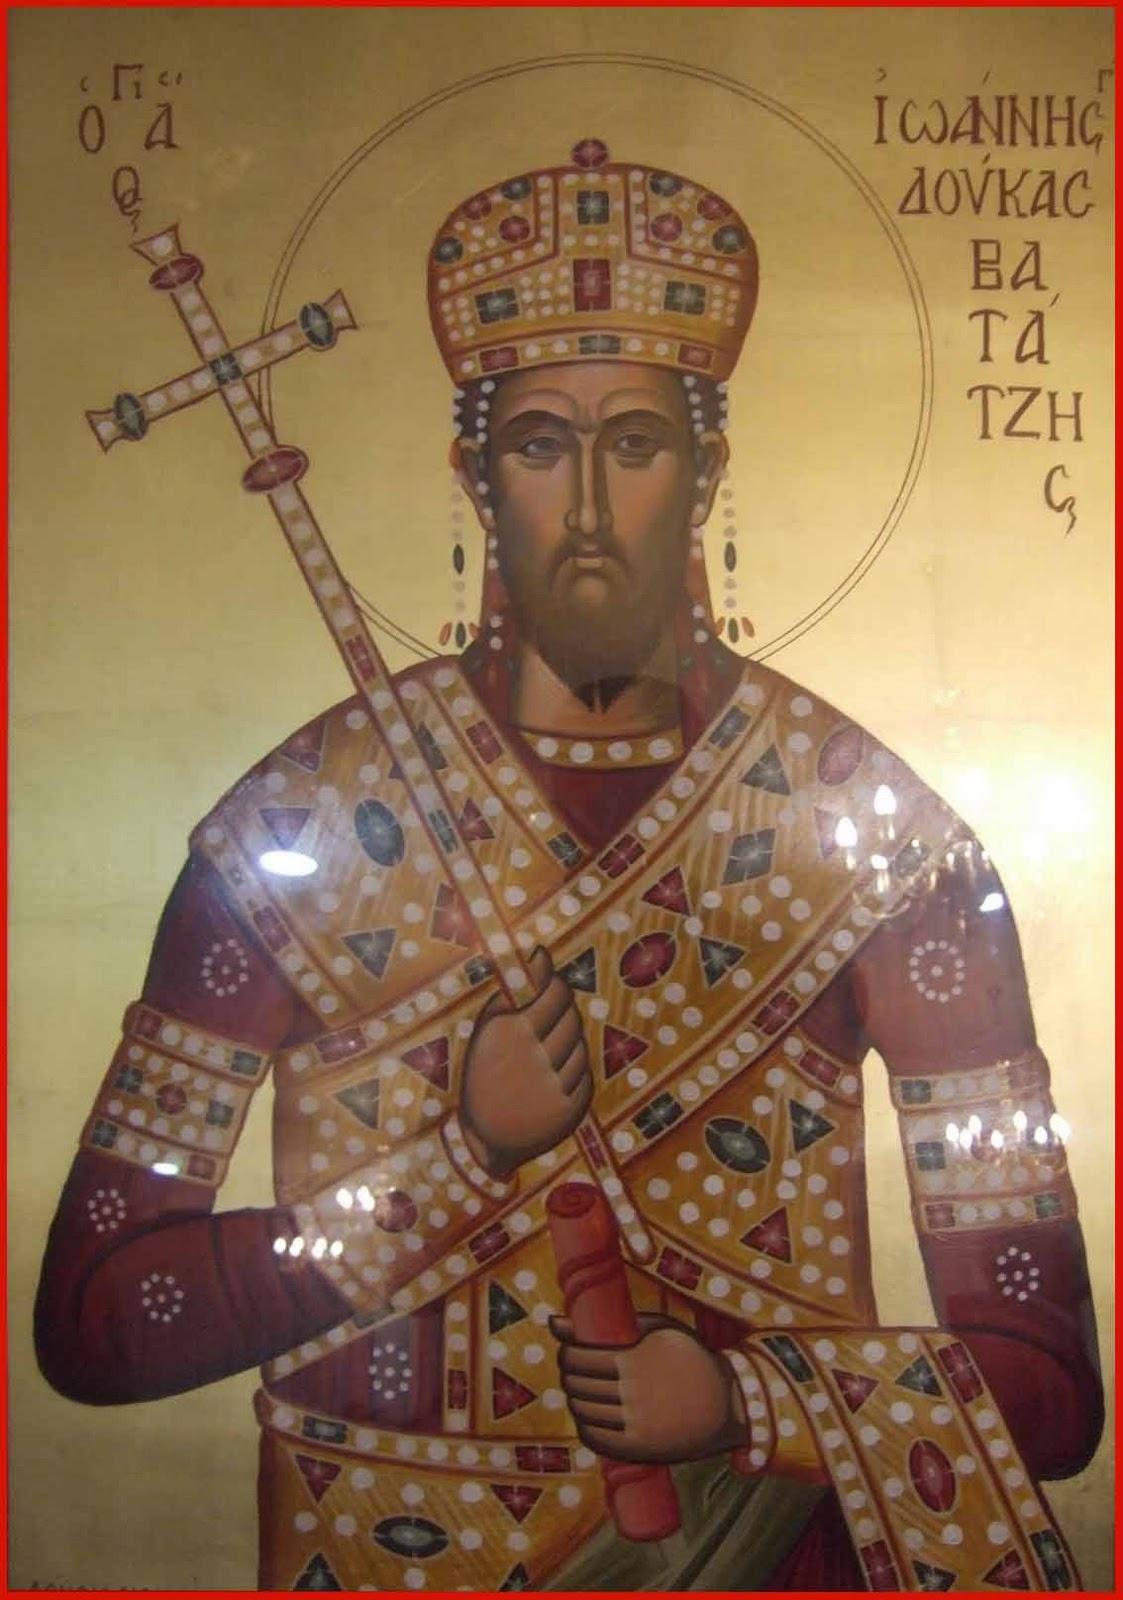 Δείτε την τουρκική προφητεία για την επιστροφή της Πόλης στους Έλληνες! - Εικόνα0